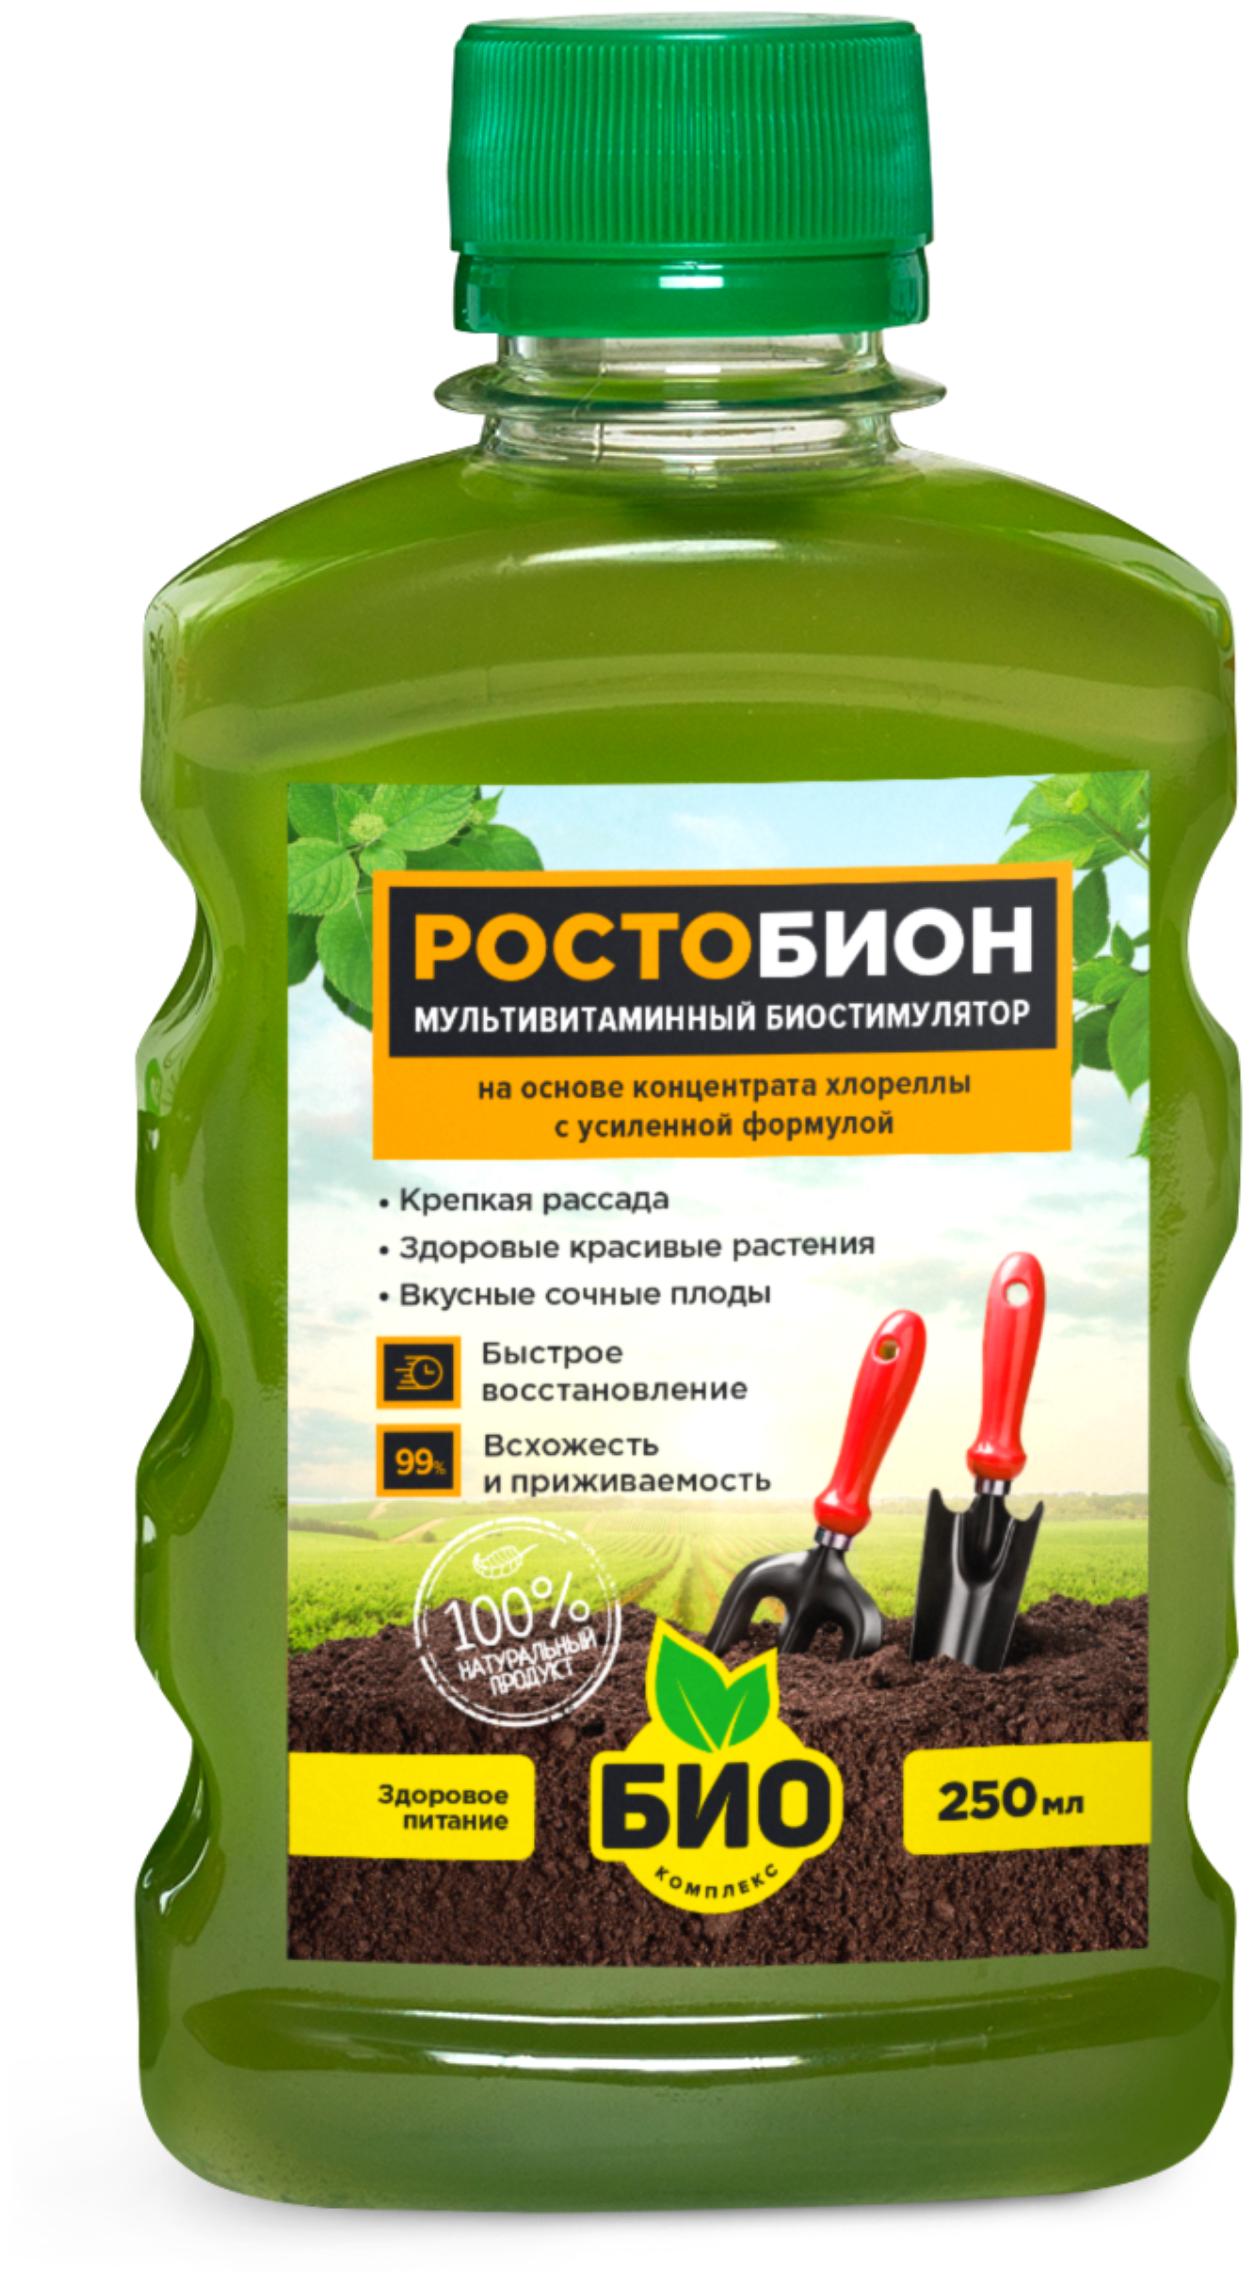 Удобрение БИО-комплекс Ростобион — купить по выгодной цене на Яндекс.Маркете